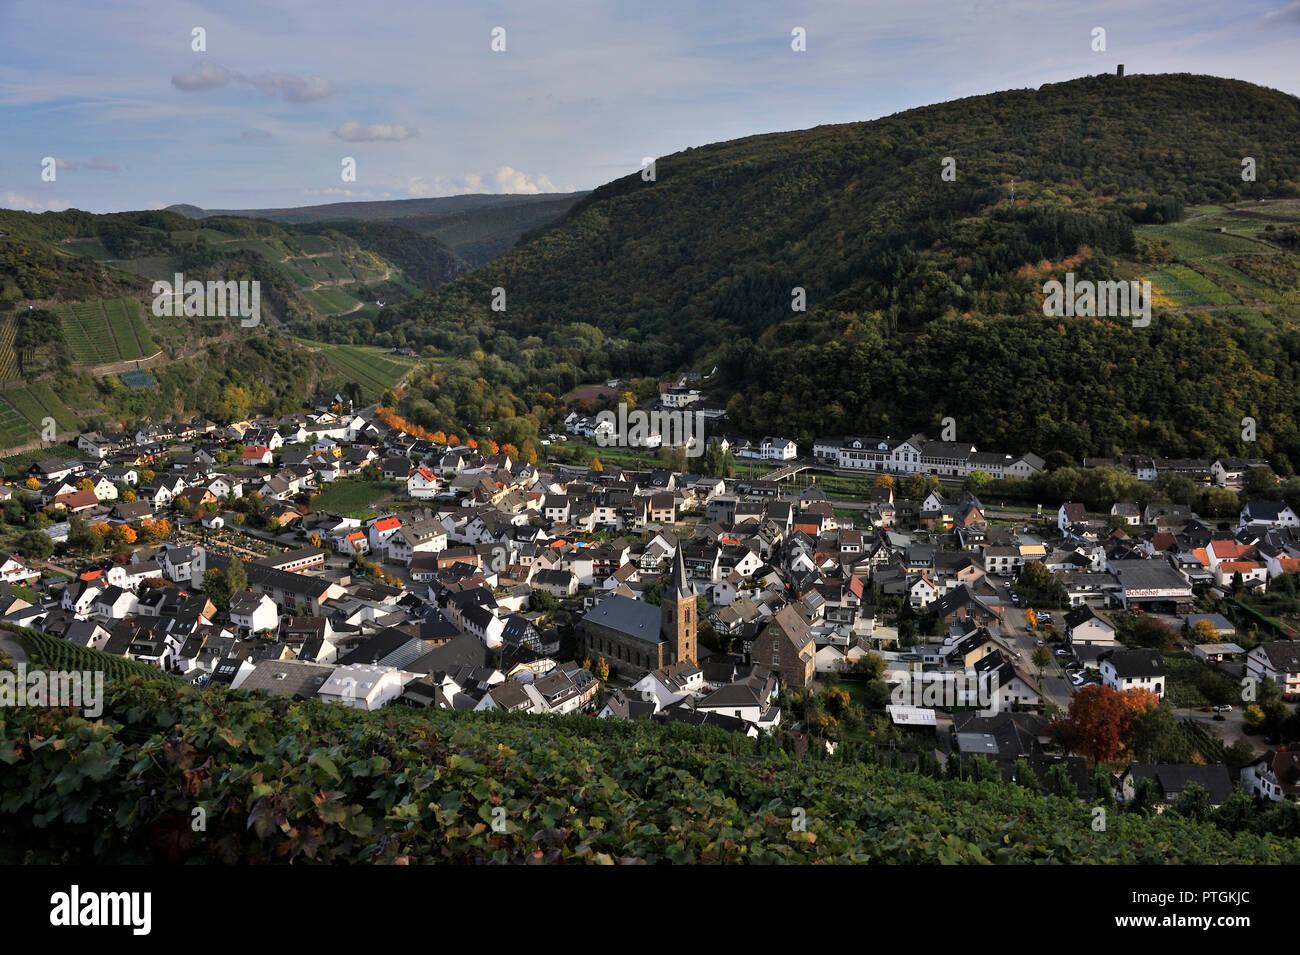 Dernau, Stadtansicht. Ort mit ca. 1700 Einwohnern. - Stock Image